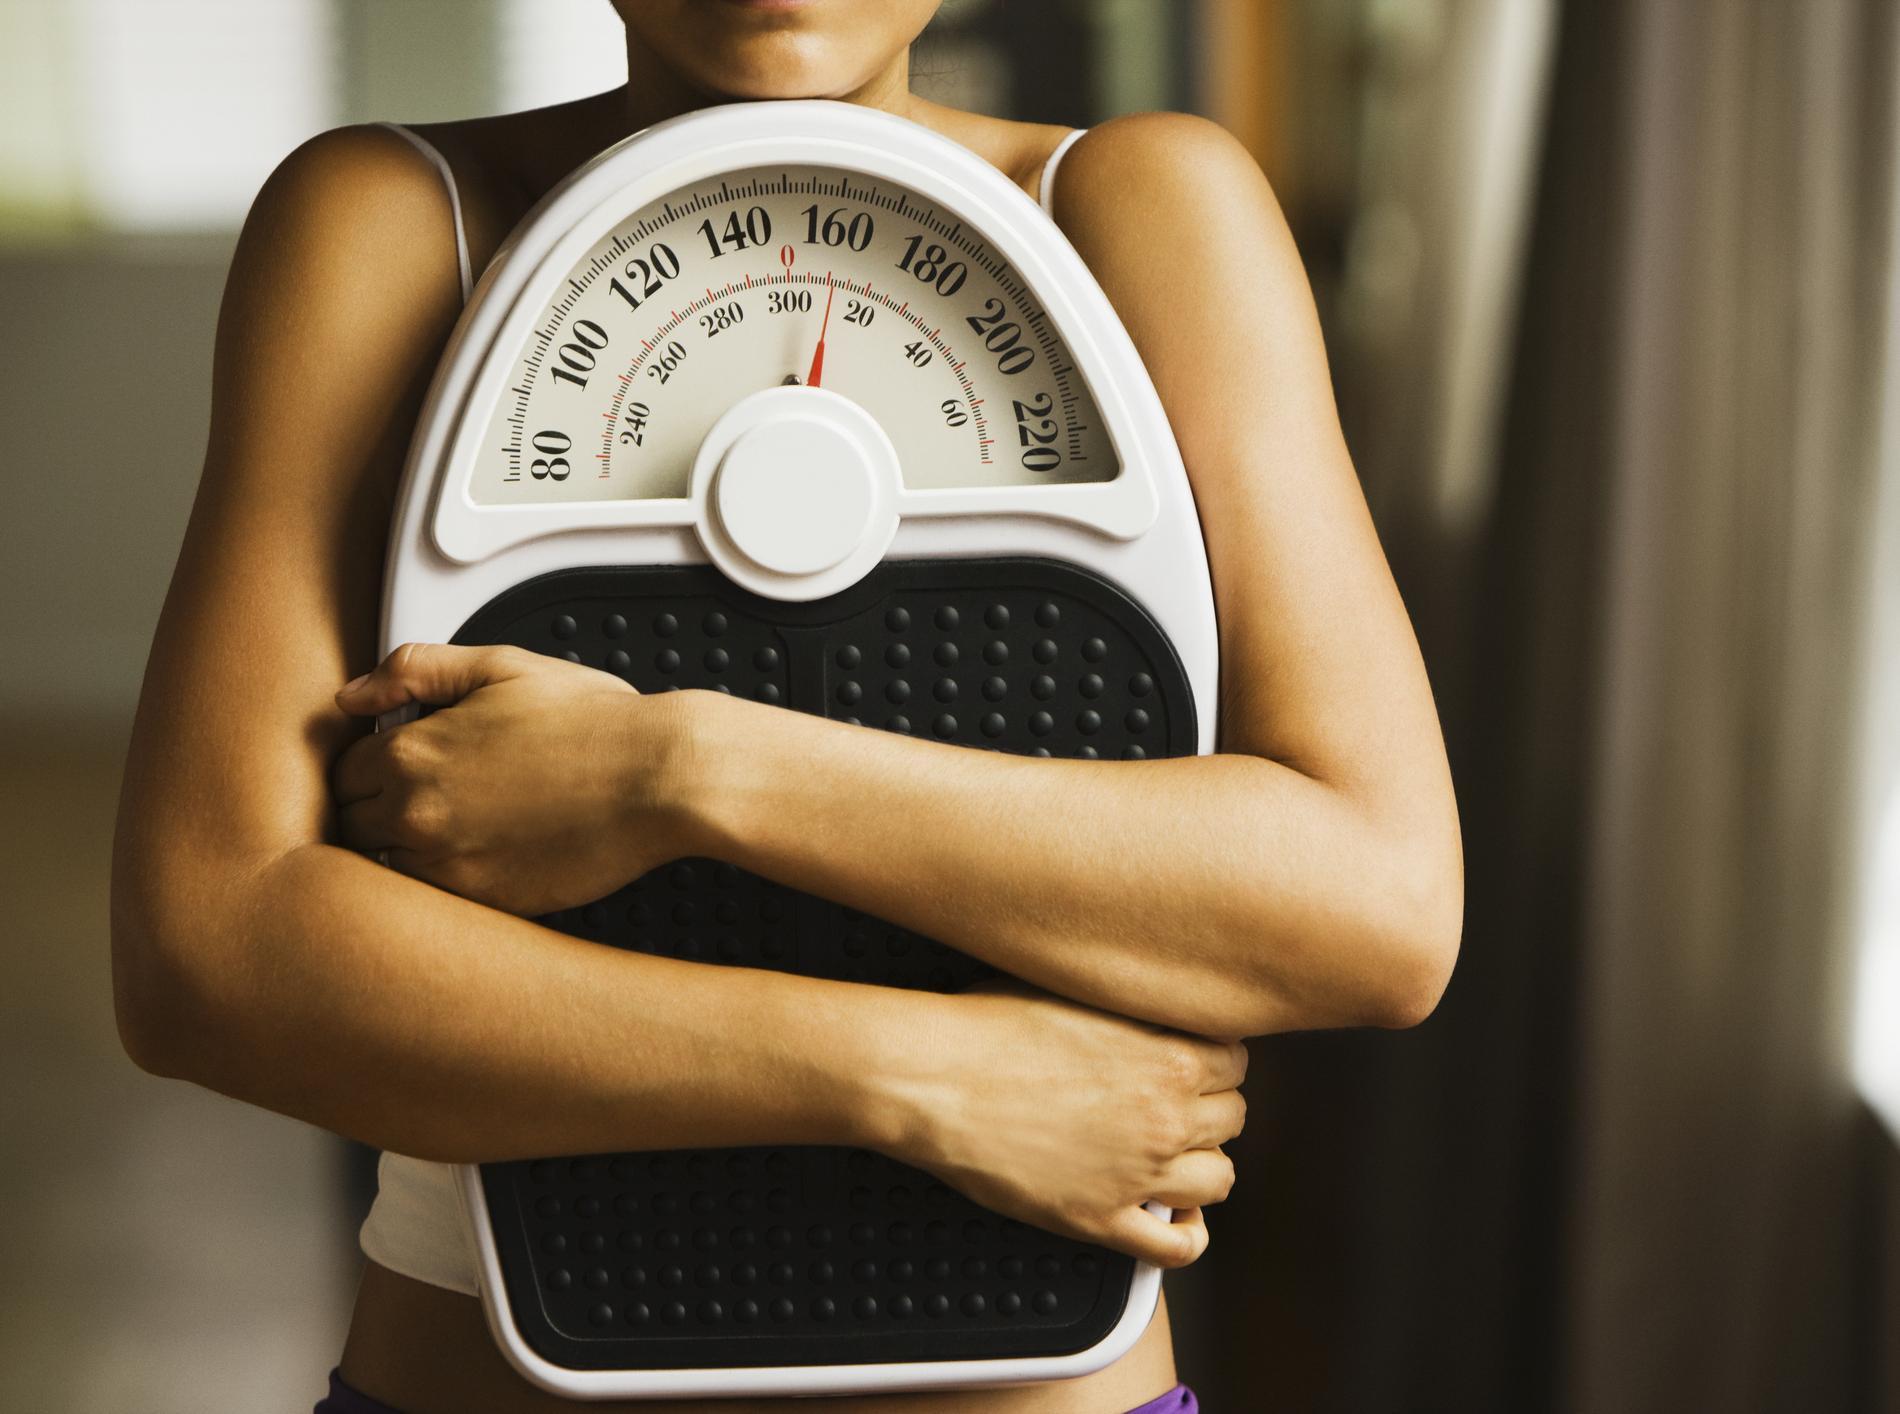 les intelligents aident-ils à perdre du poids